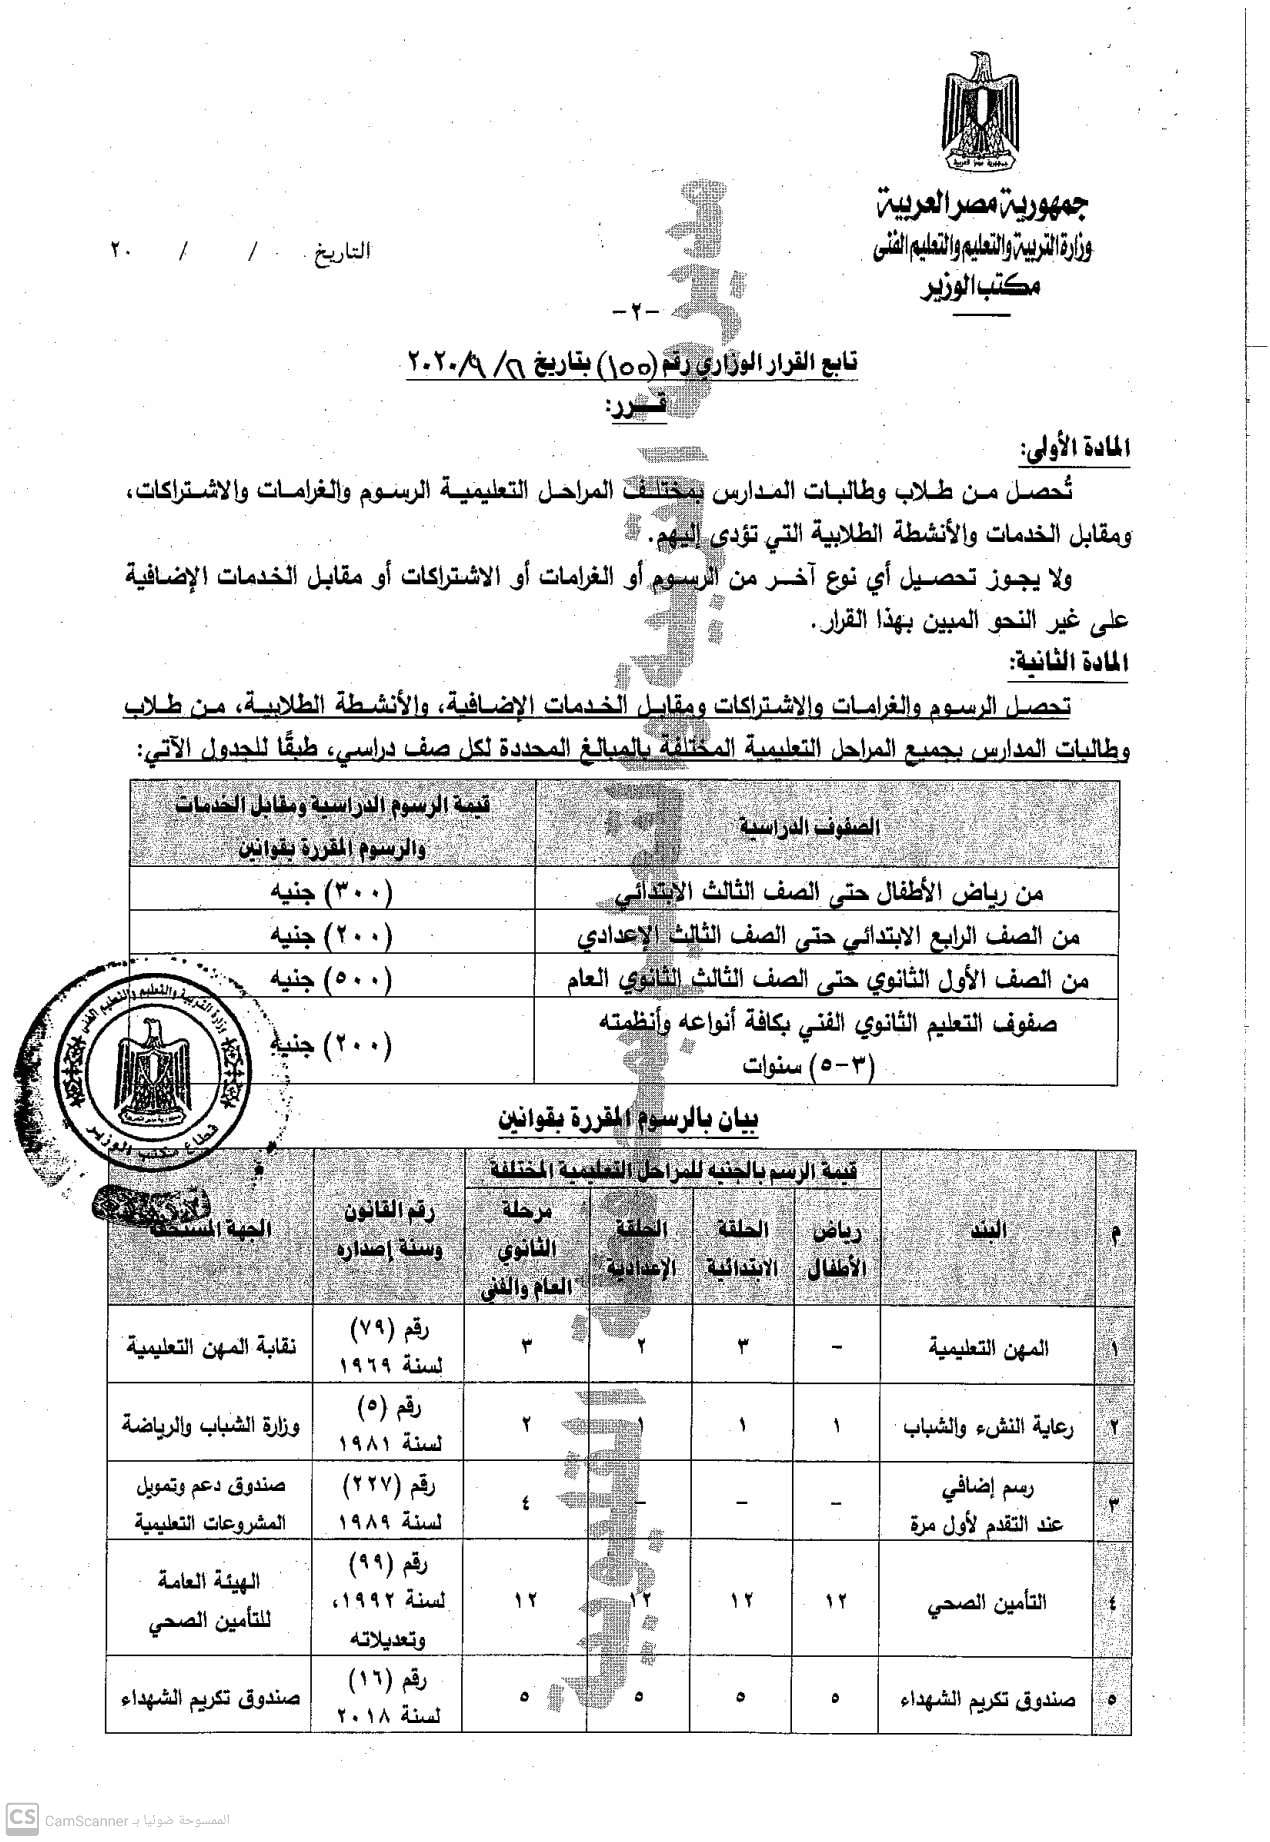 """رسميا.. المصروفات الدراسية للعام ٢٠٢١/٢٠٢٠.. من ٢٠٠ لـ ٥٠٠ جنية """"مستند"""" 2"""